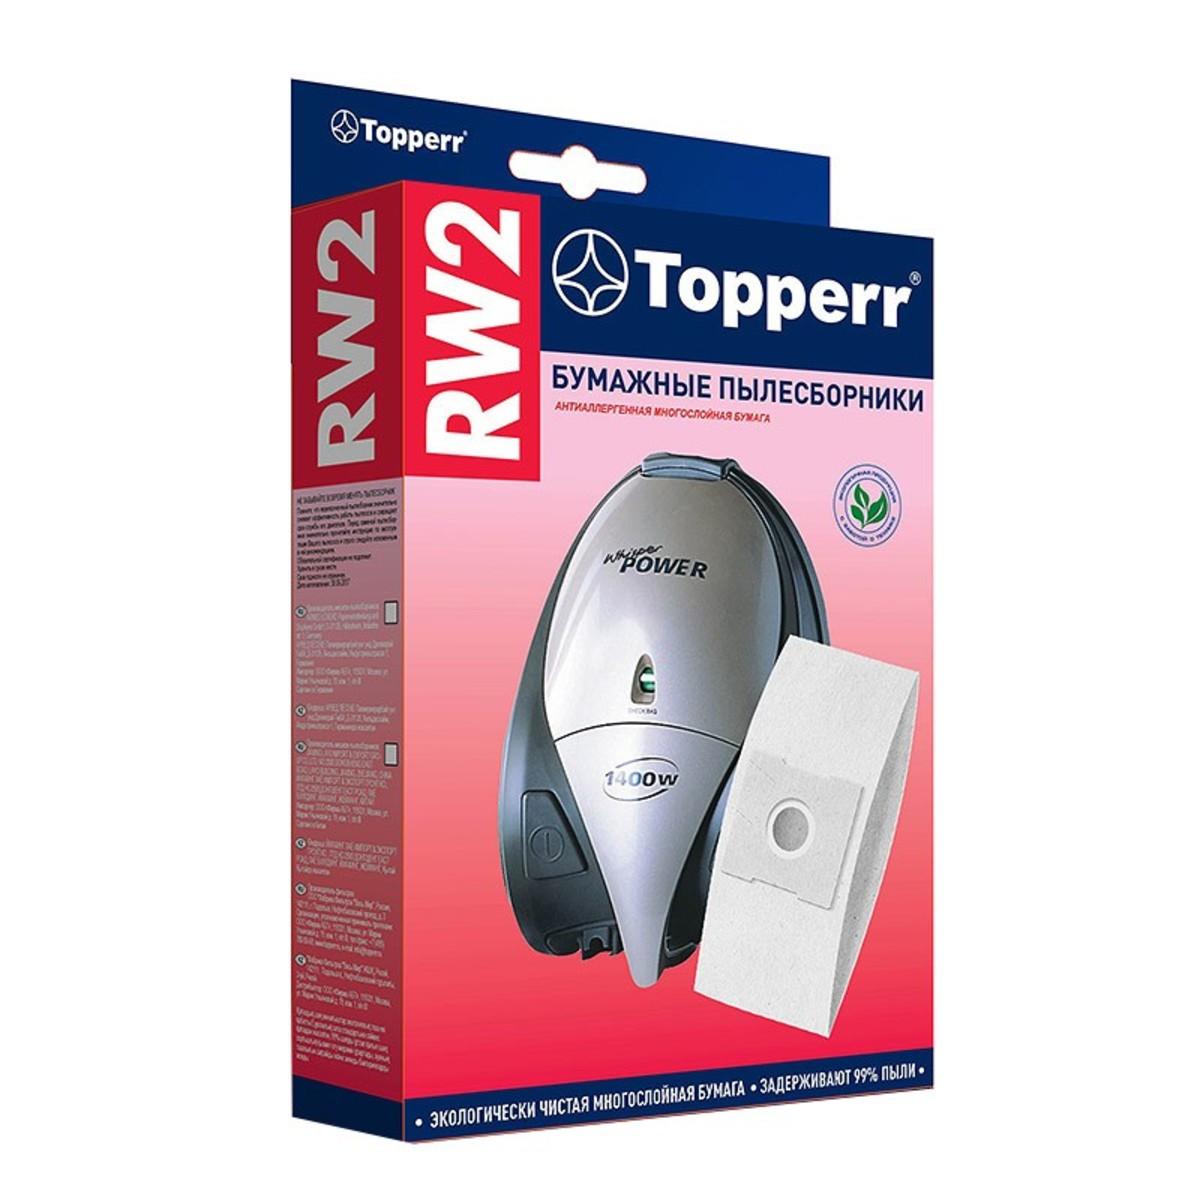 Комплект бумажных мешков для пылесоса Topperr RW 2